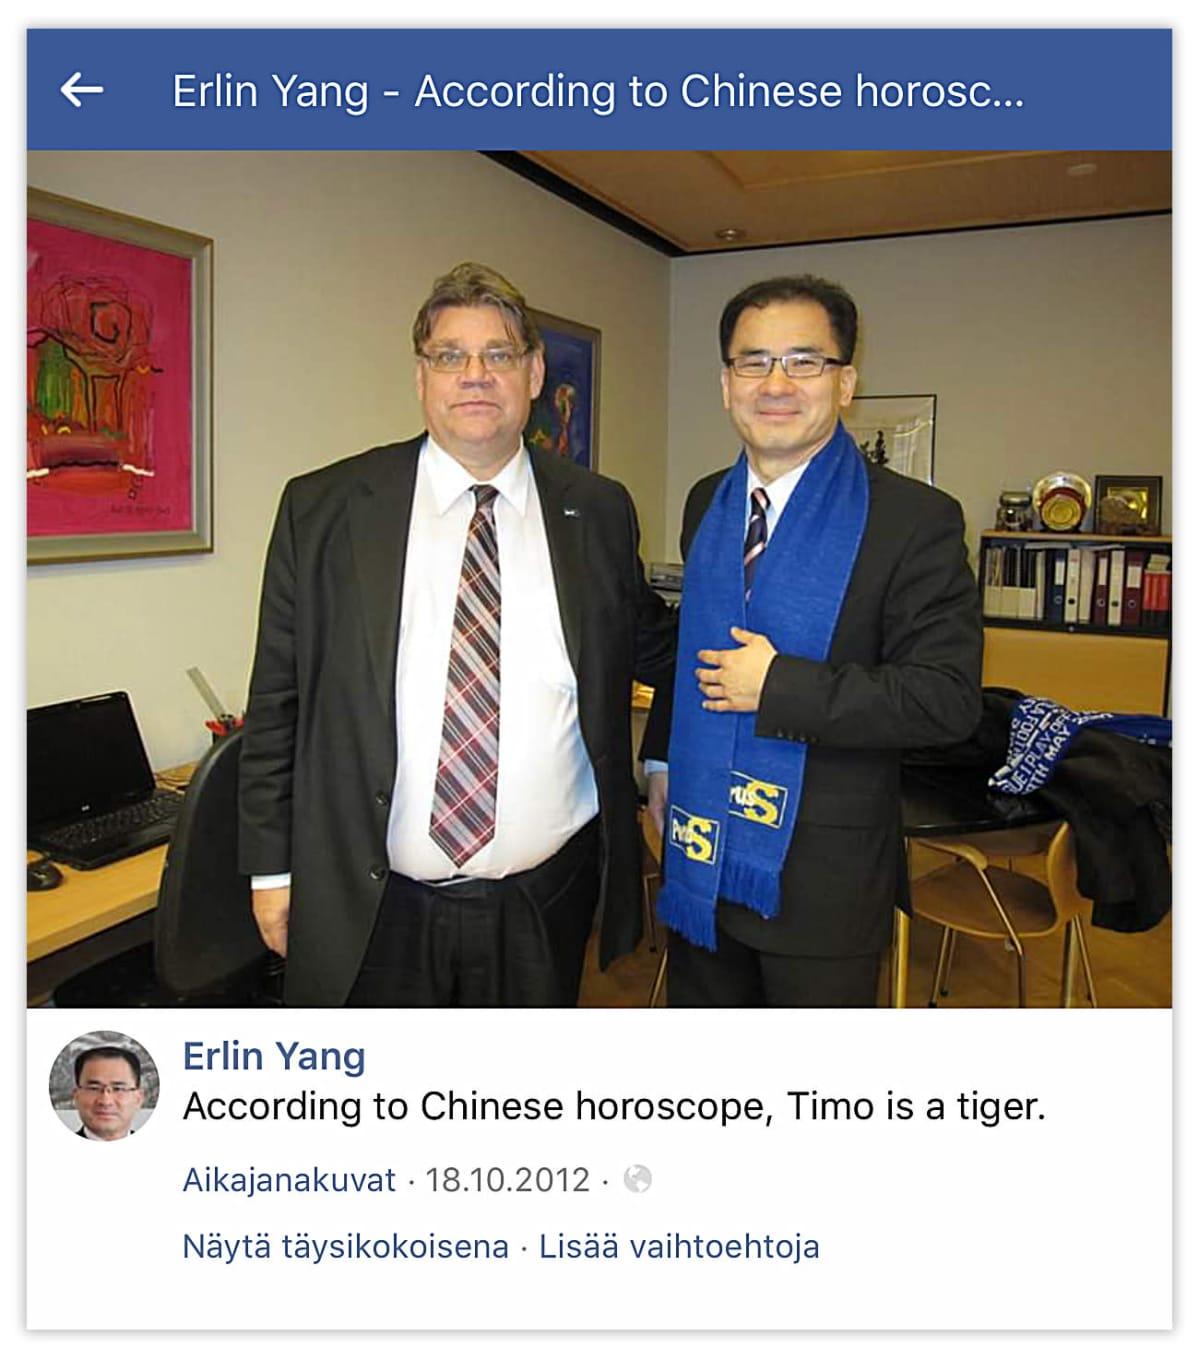 Erlin Yang Perussuomalaisten huivi kaulassa Timo Soinin kanssa.